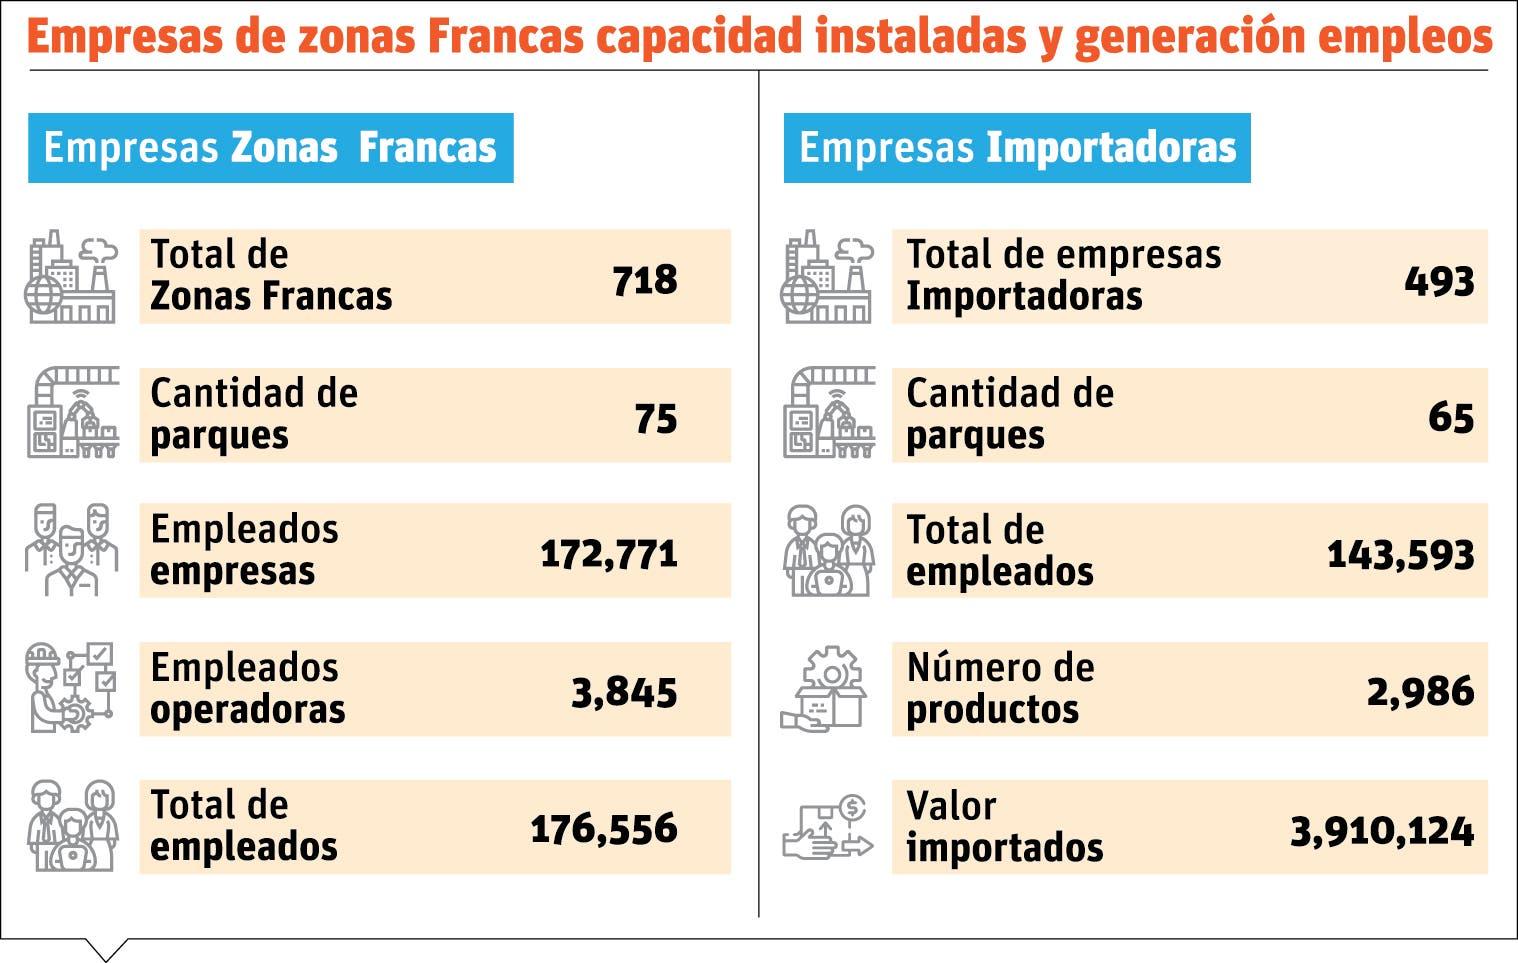 Zonas Francas es un potencial mercado para la industria local